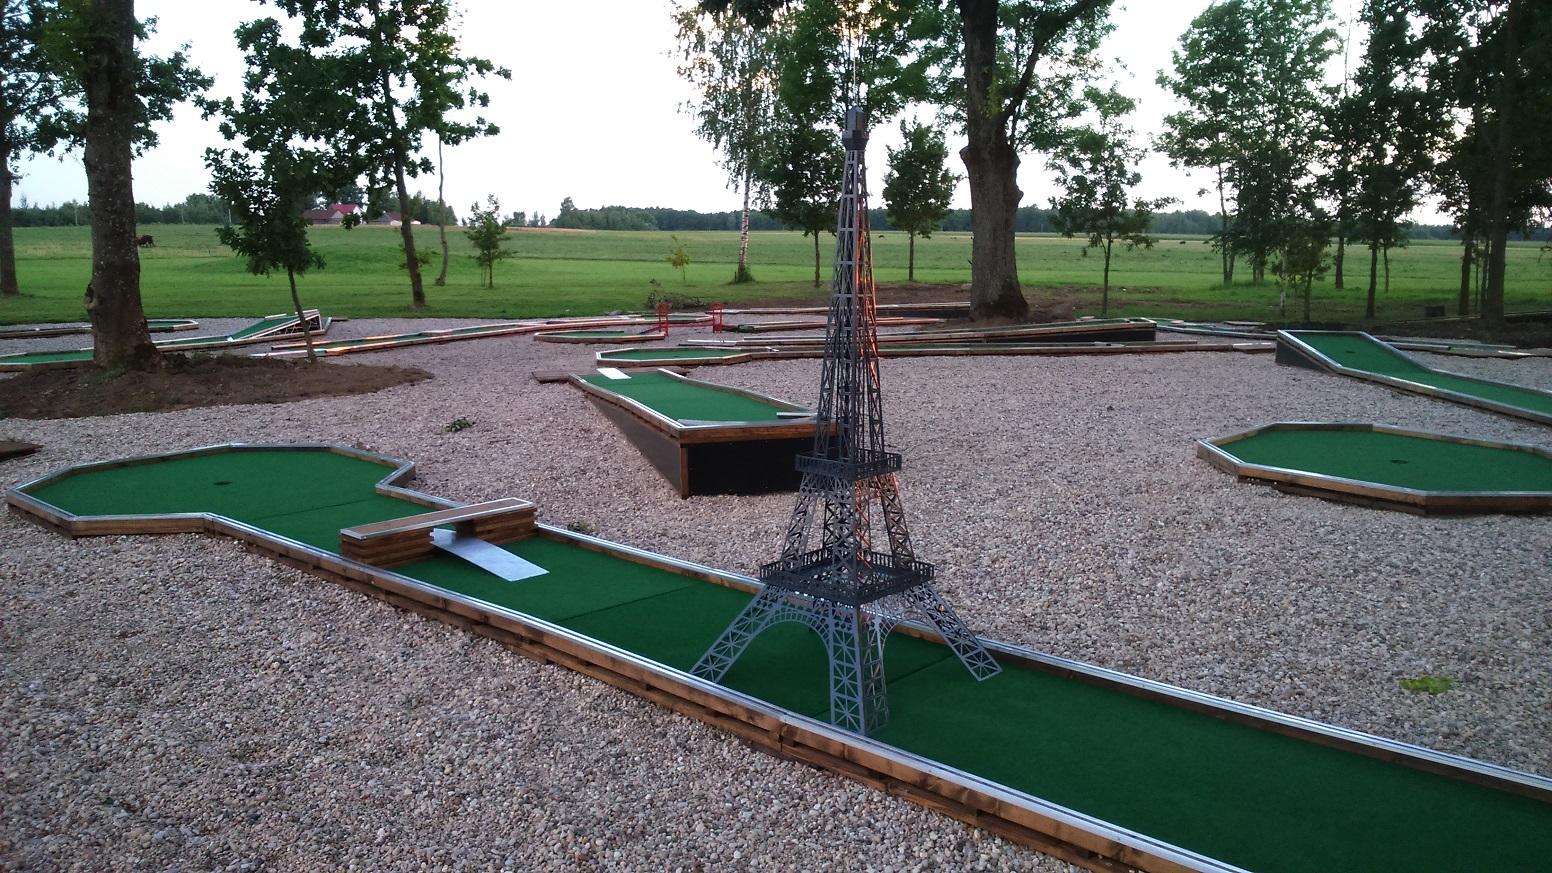 Professional WMF felt mini golf course Image